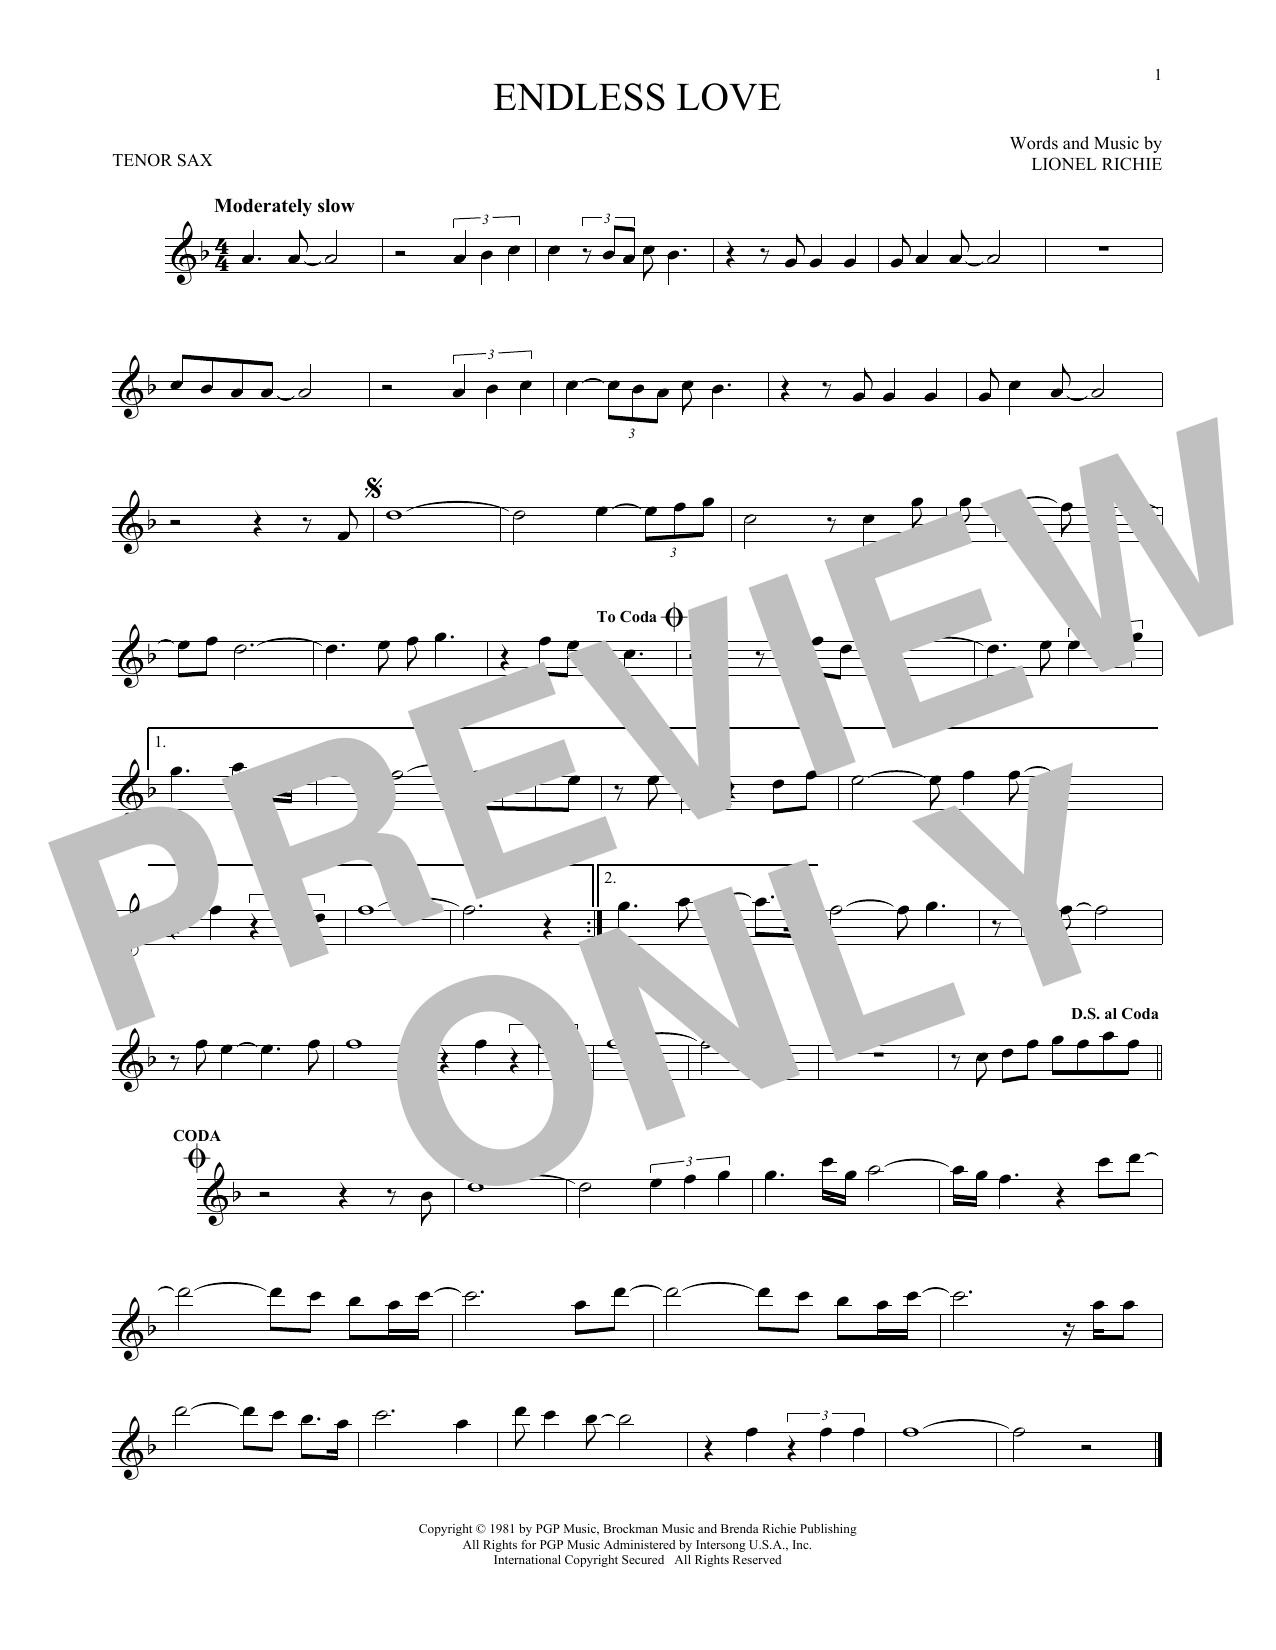 Partition saxophone Endless Love de Lionel Richie & Diana Ross - Sax Tenor